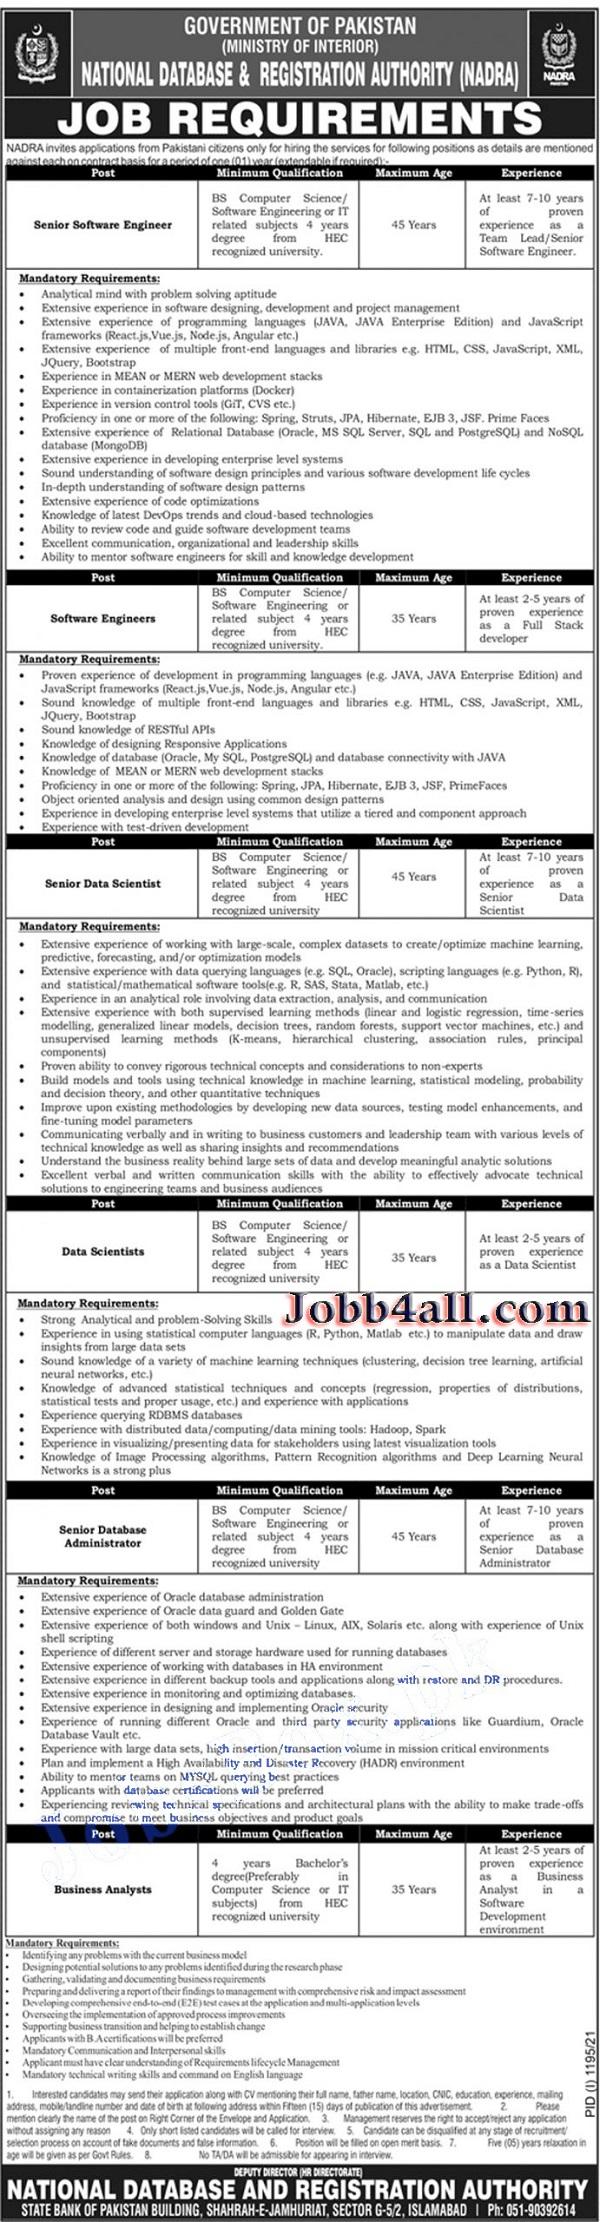 NADRA Jobs 2021 Advertisement govt Jobs in Pakistan